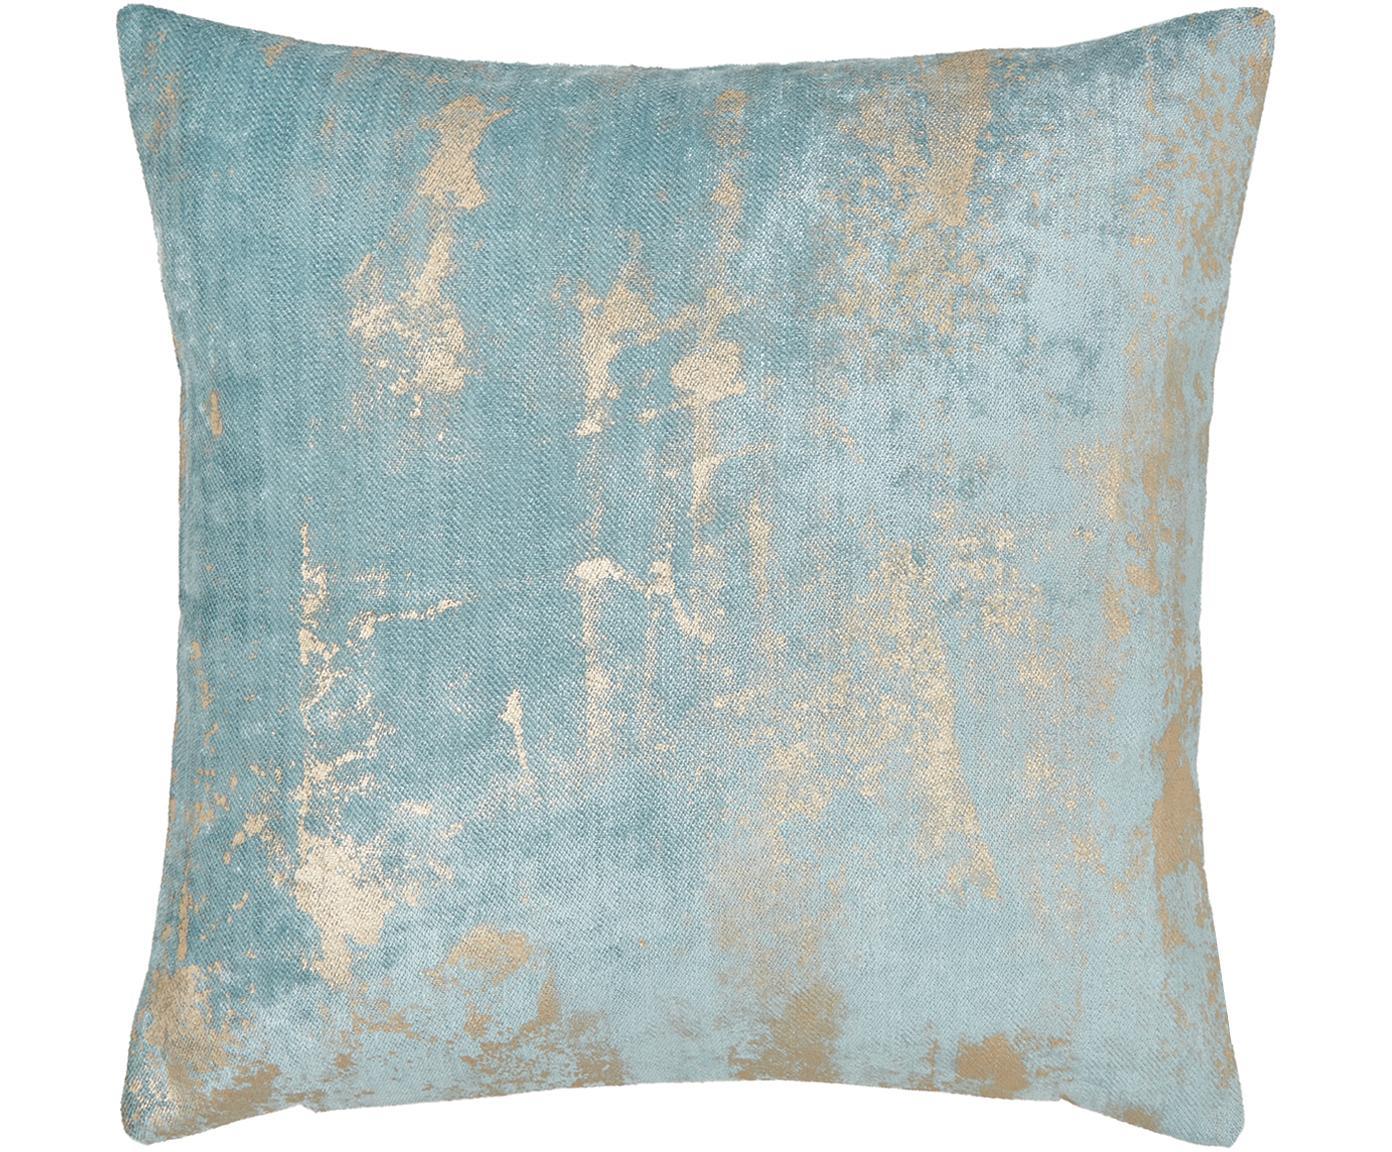 Poszewka na poduszkę z aksamitu Shiny, Jasnoturkusowy, S 40 x D 40 cm